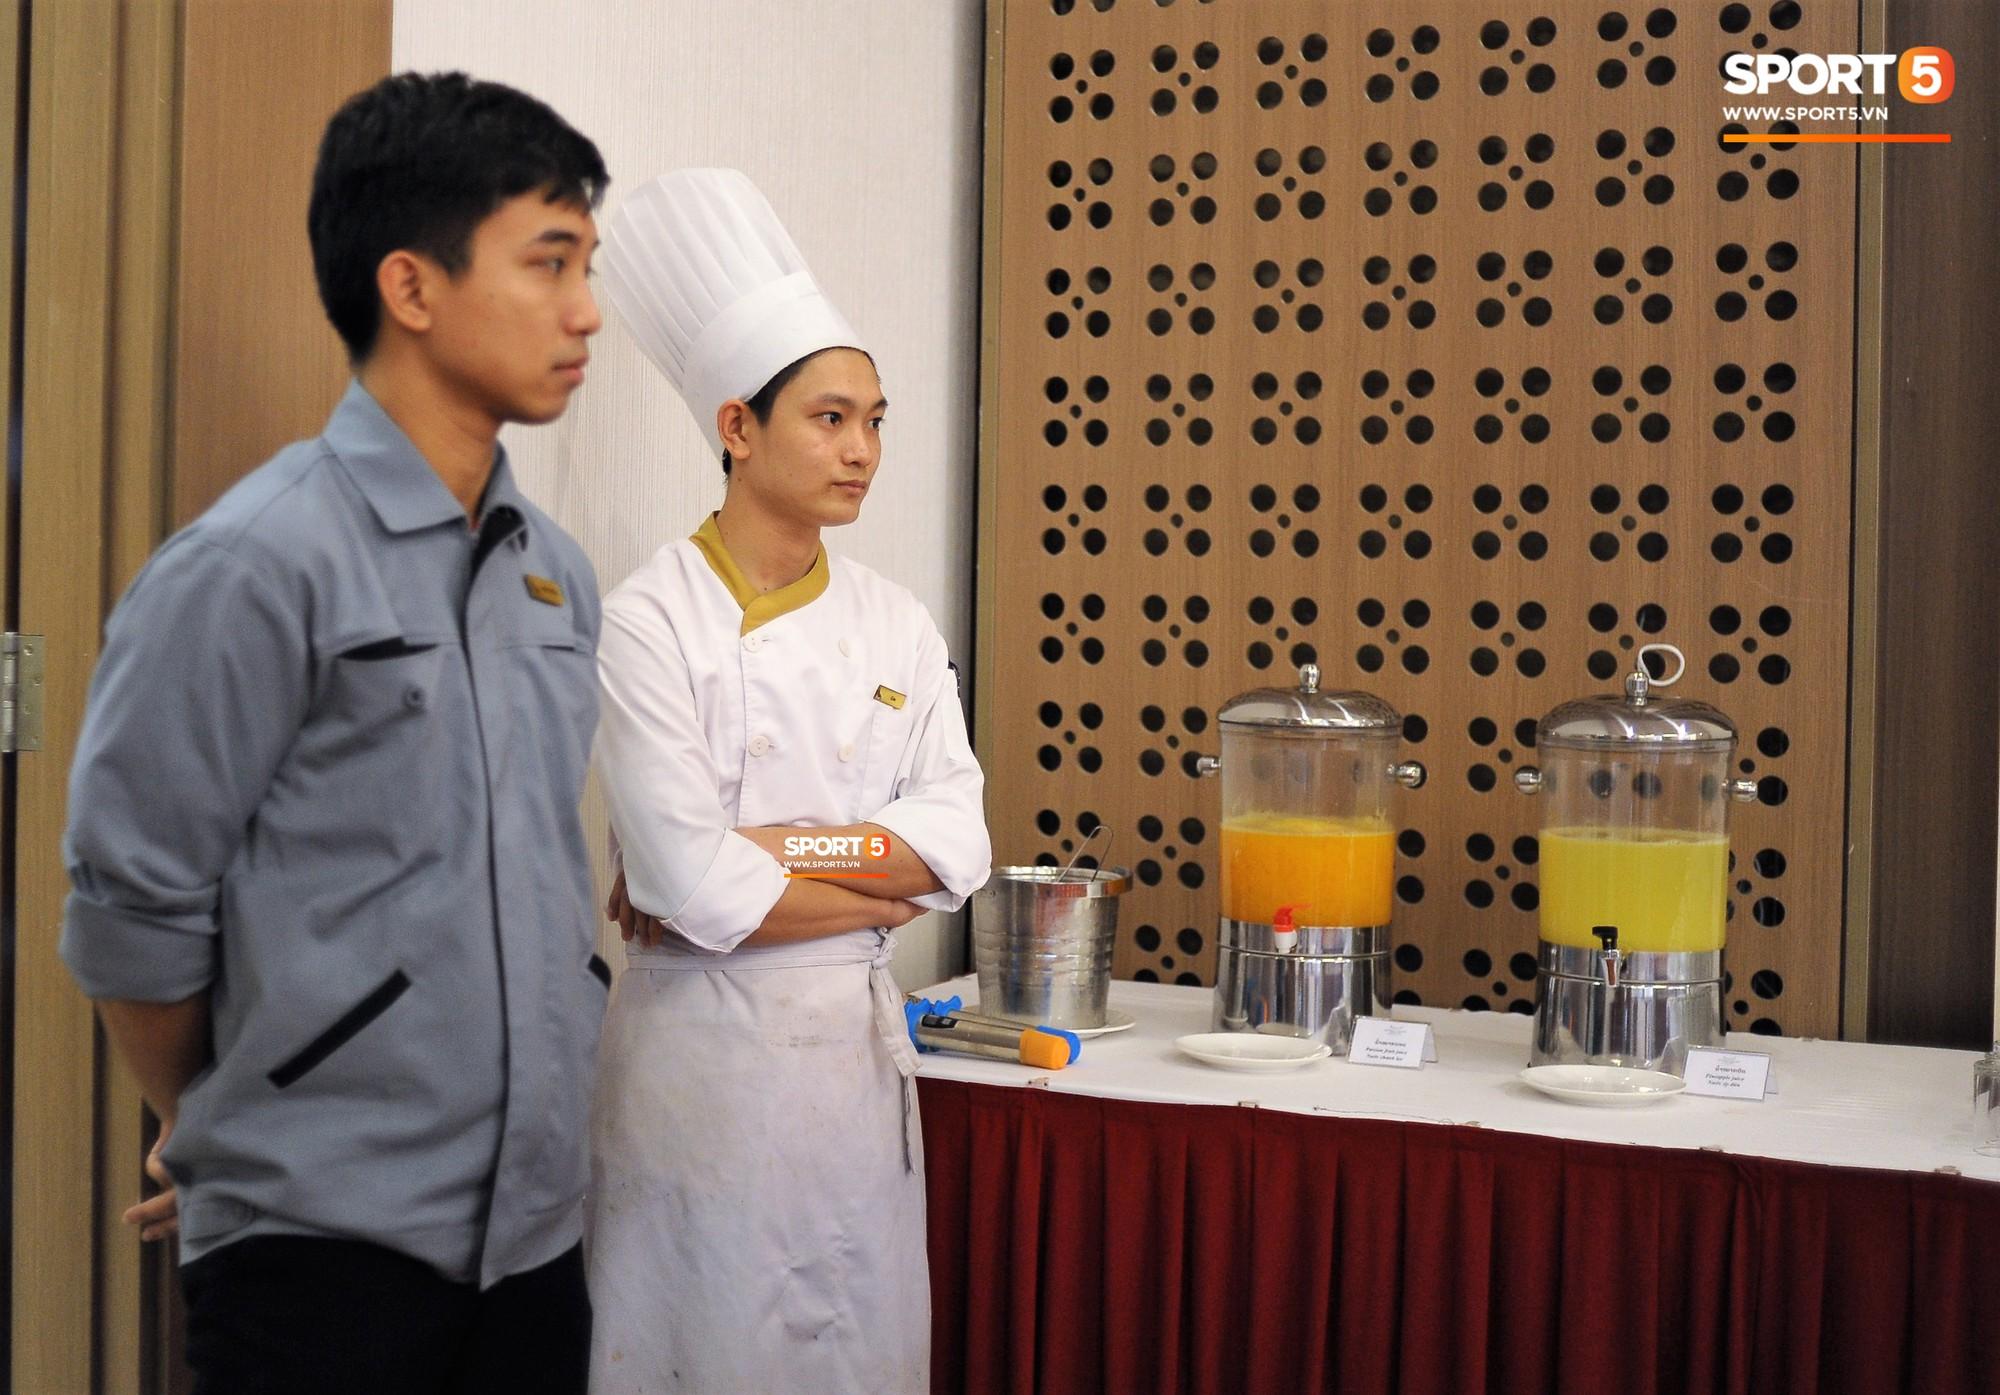 Bữa ăn đậm hương vị quê hương của các tuyển thủ tuyển Việt Nam khi đến Lào-14